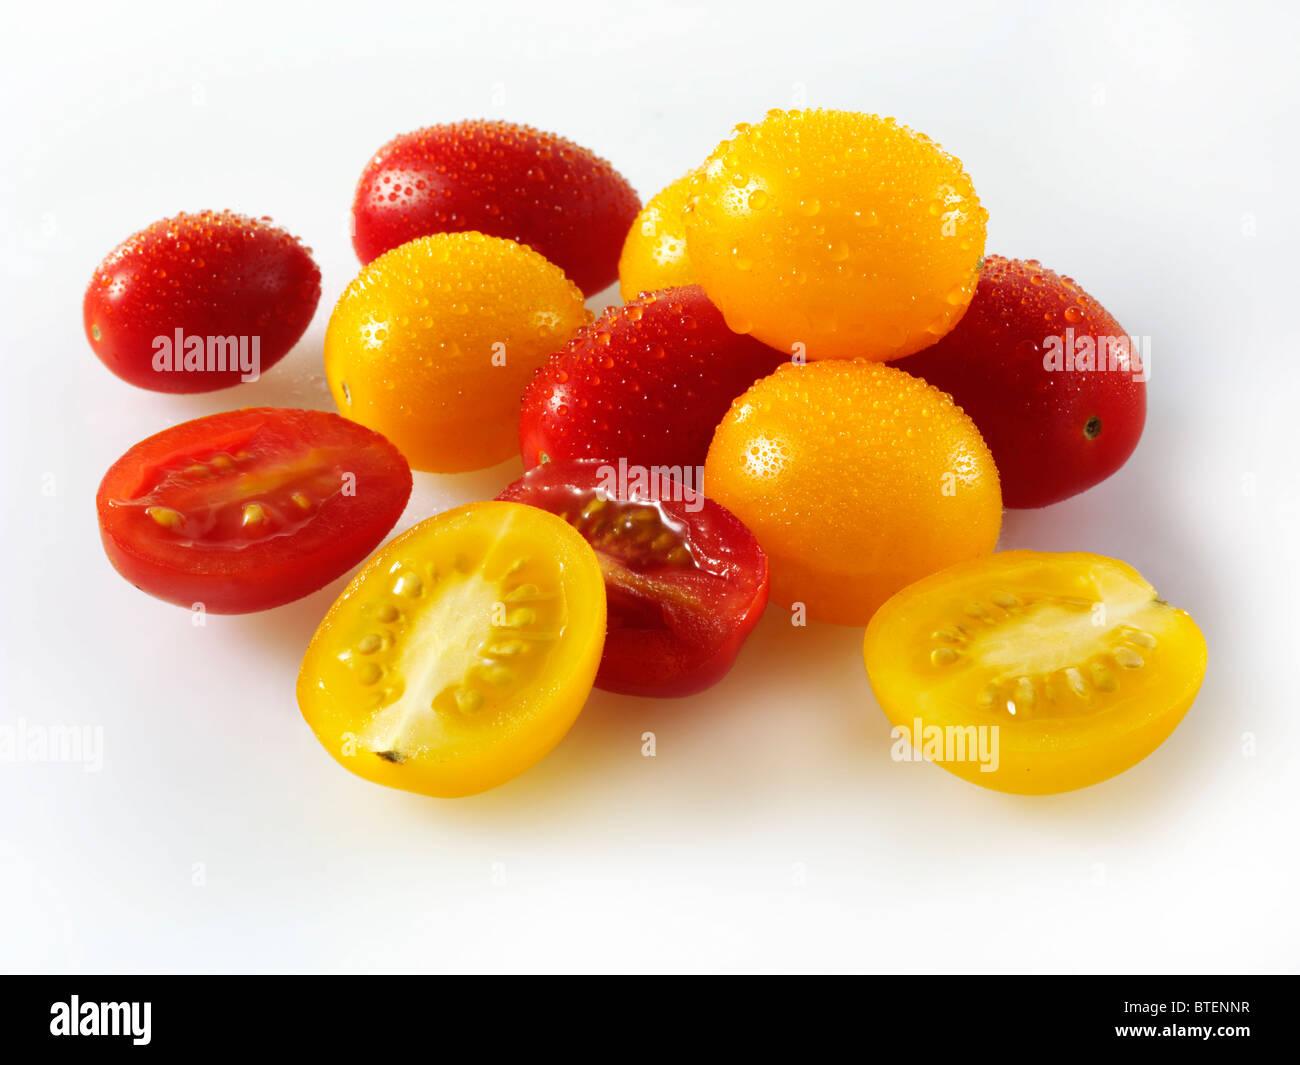 Mixed fresh yellow & red Pomodorino Tomatoes - Stock Image